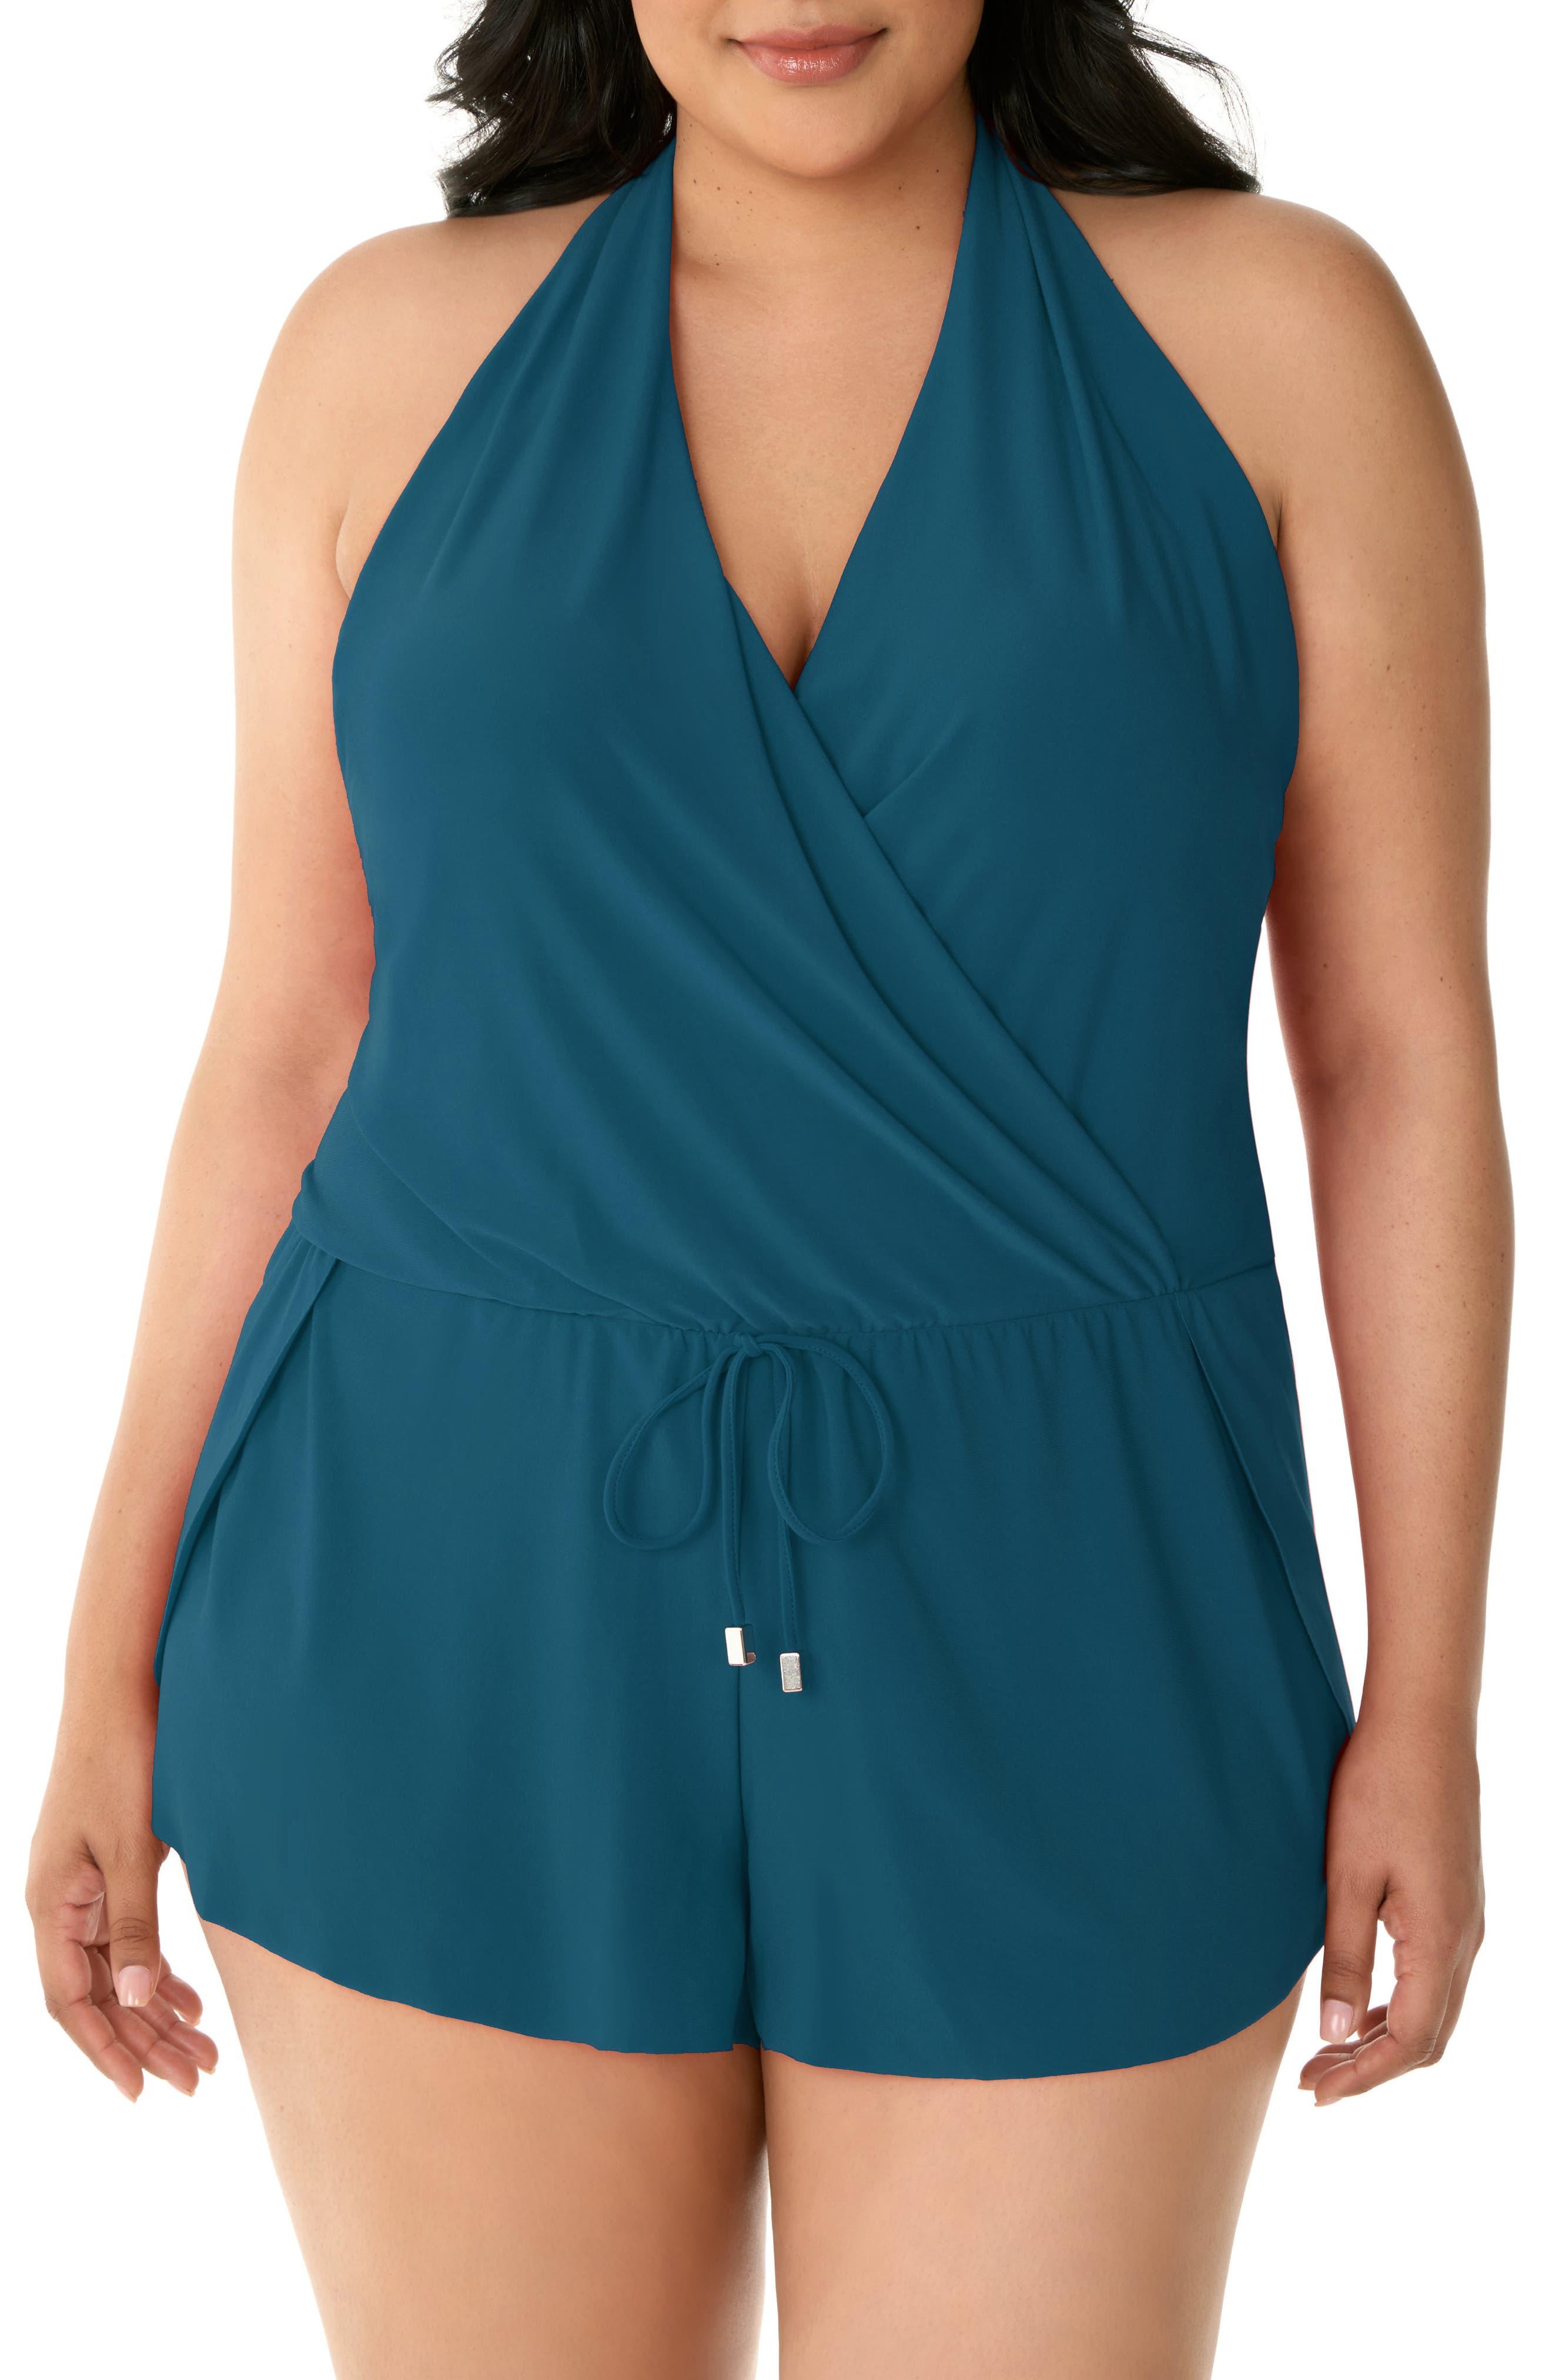 Plus Size Women's Magicsuit Bianca One-Piece Romper Swimsuit